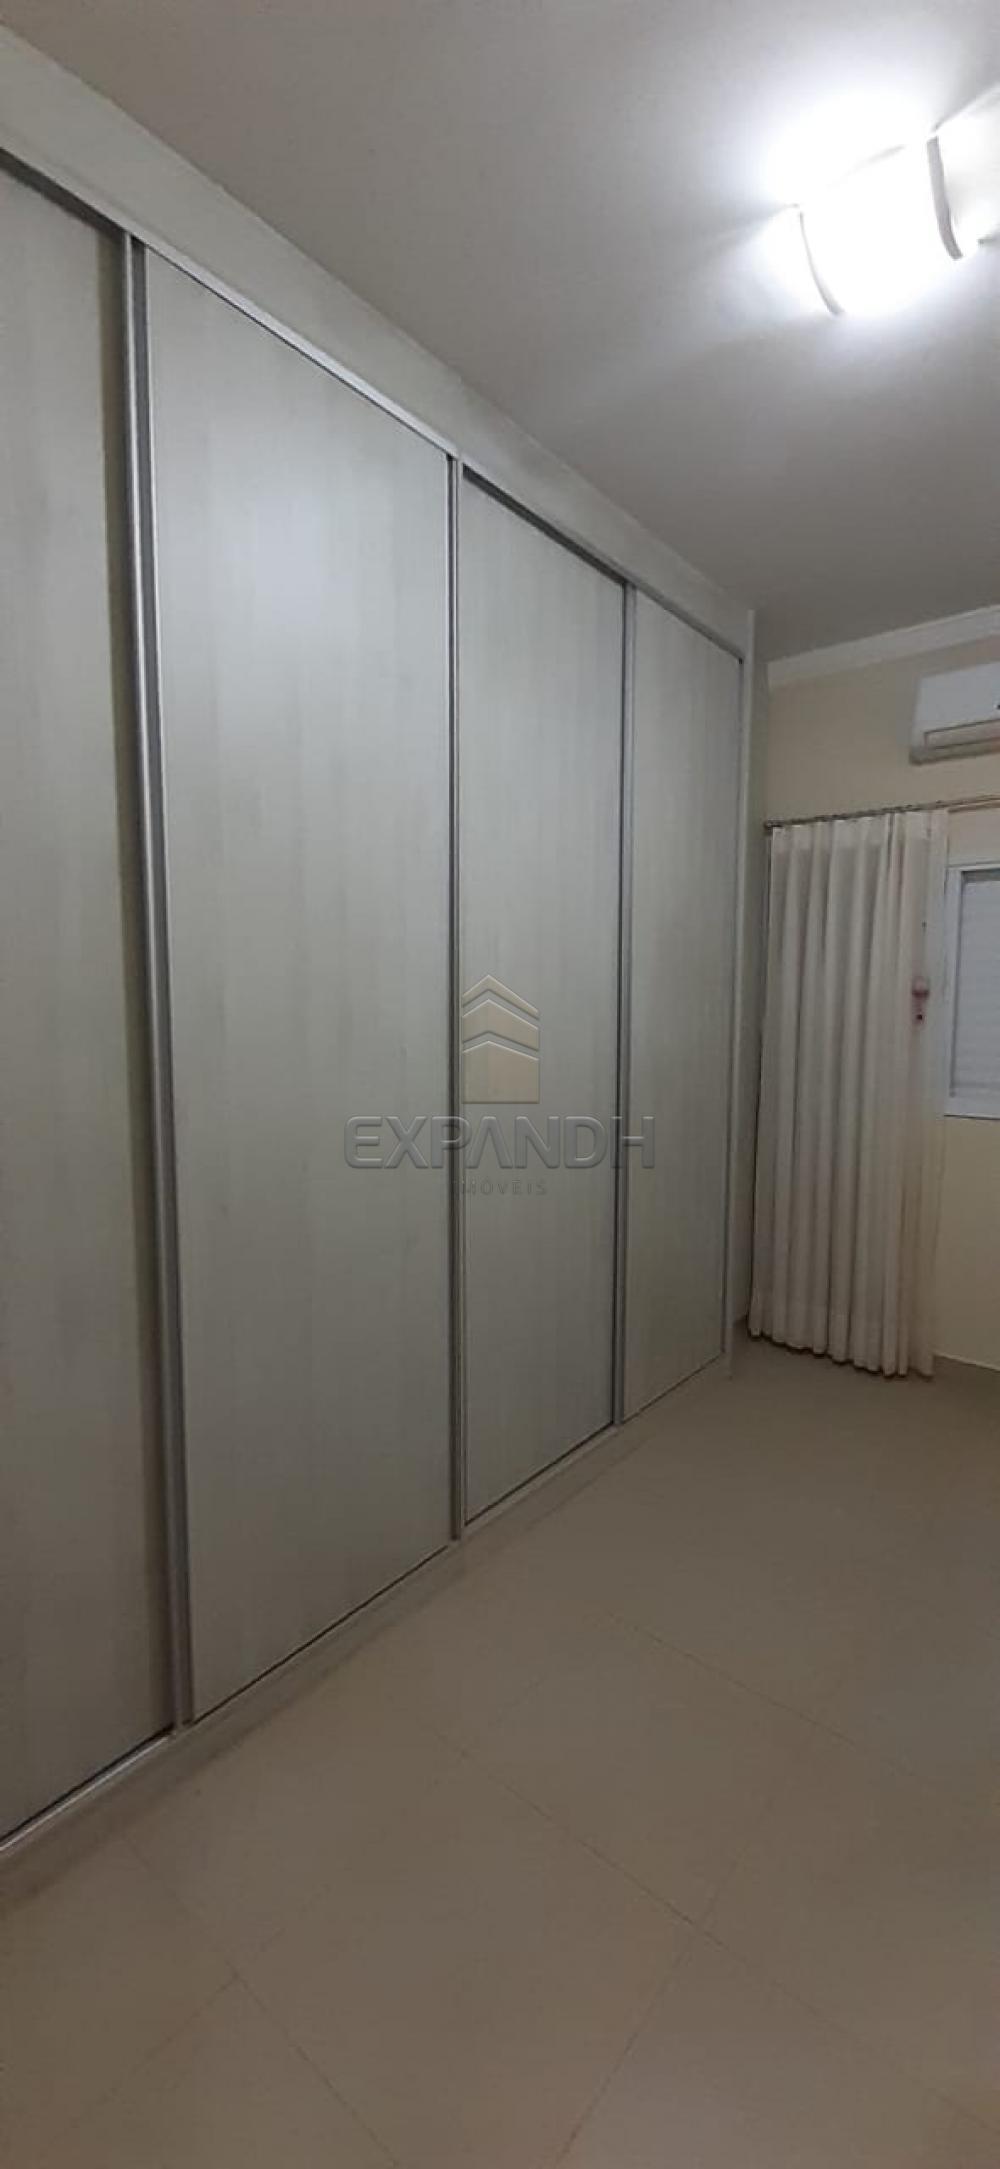 Alugar Apartamentos / Padrão em Sertãozinho apenas R$ 990,00 - Foto 10